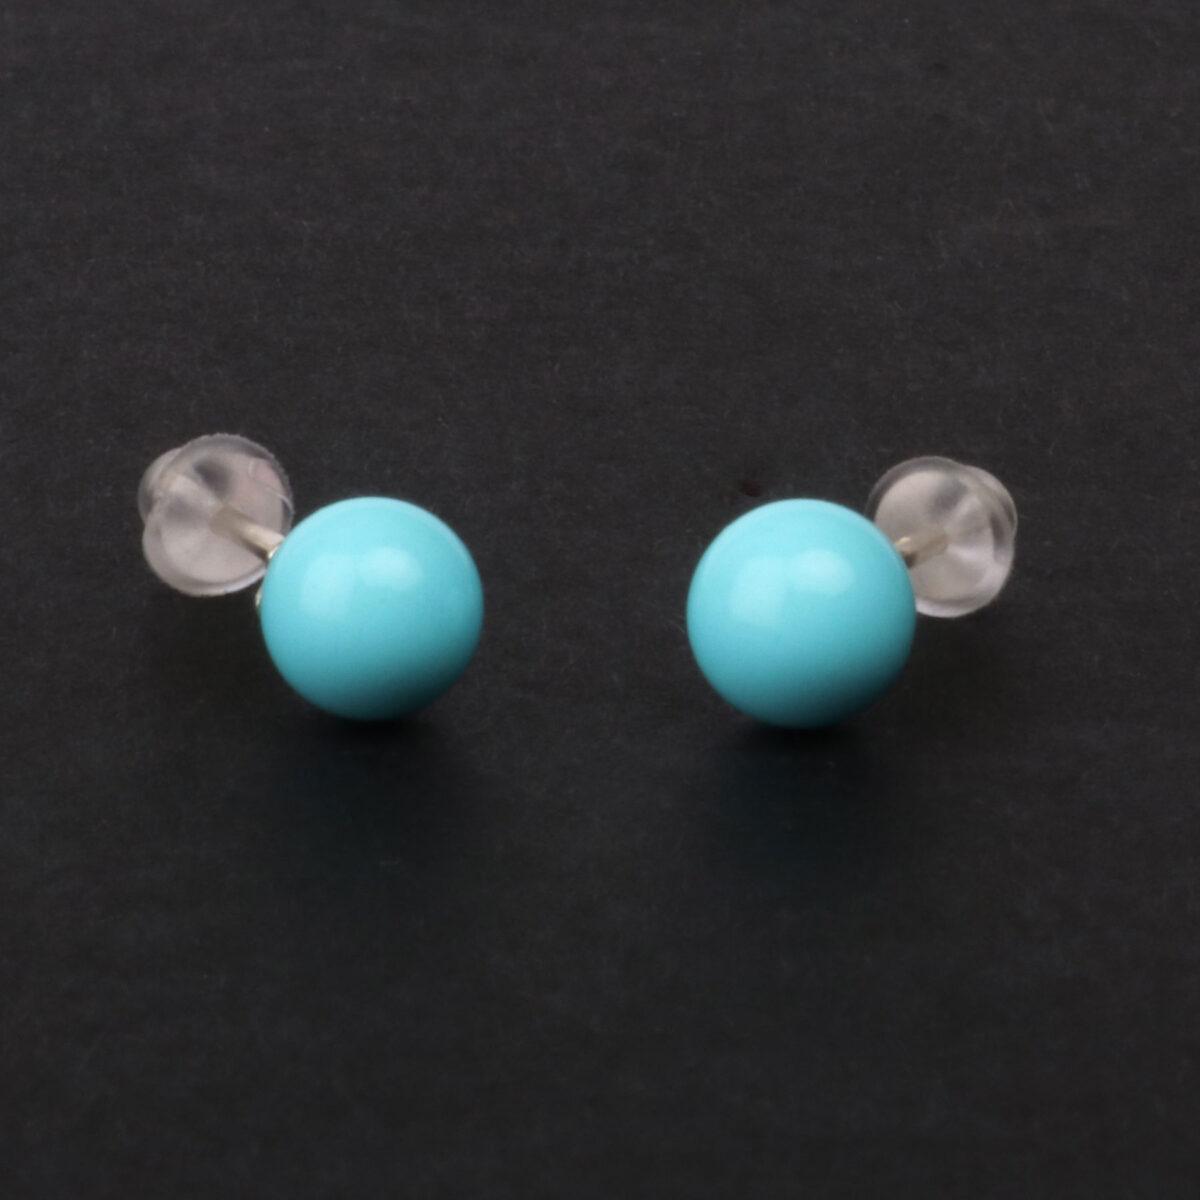 orecchini simple in argento e agglomerato di turchese